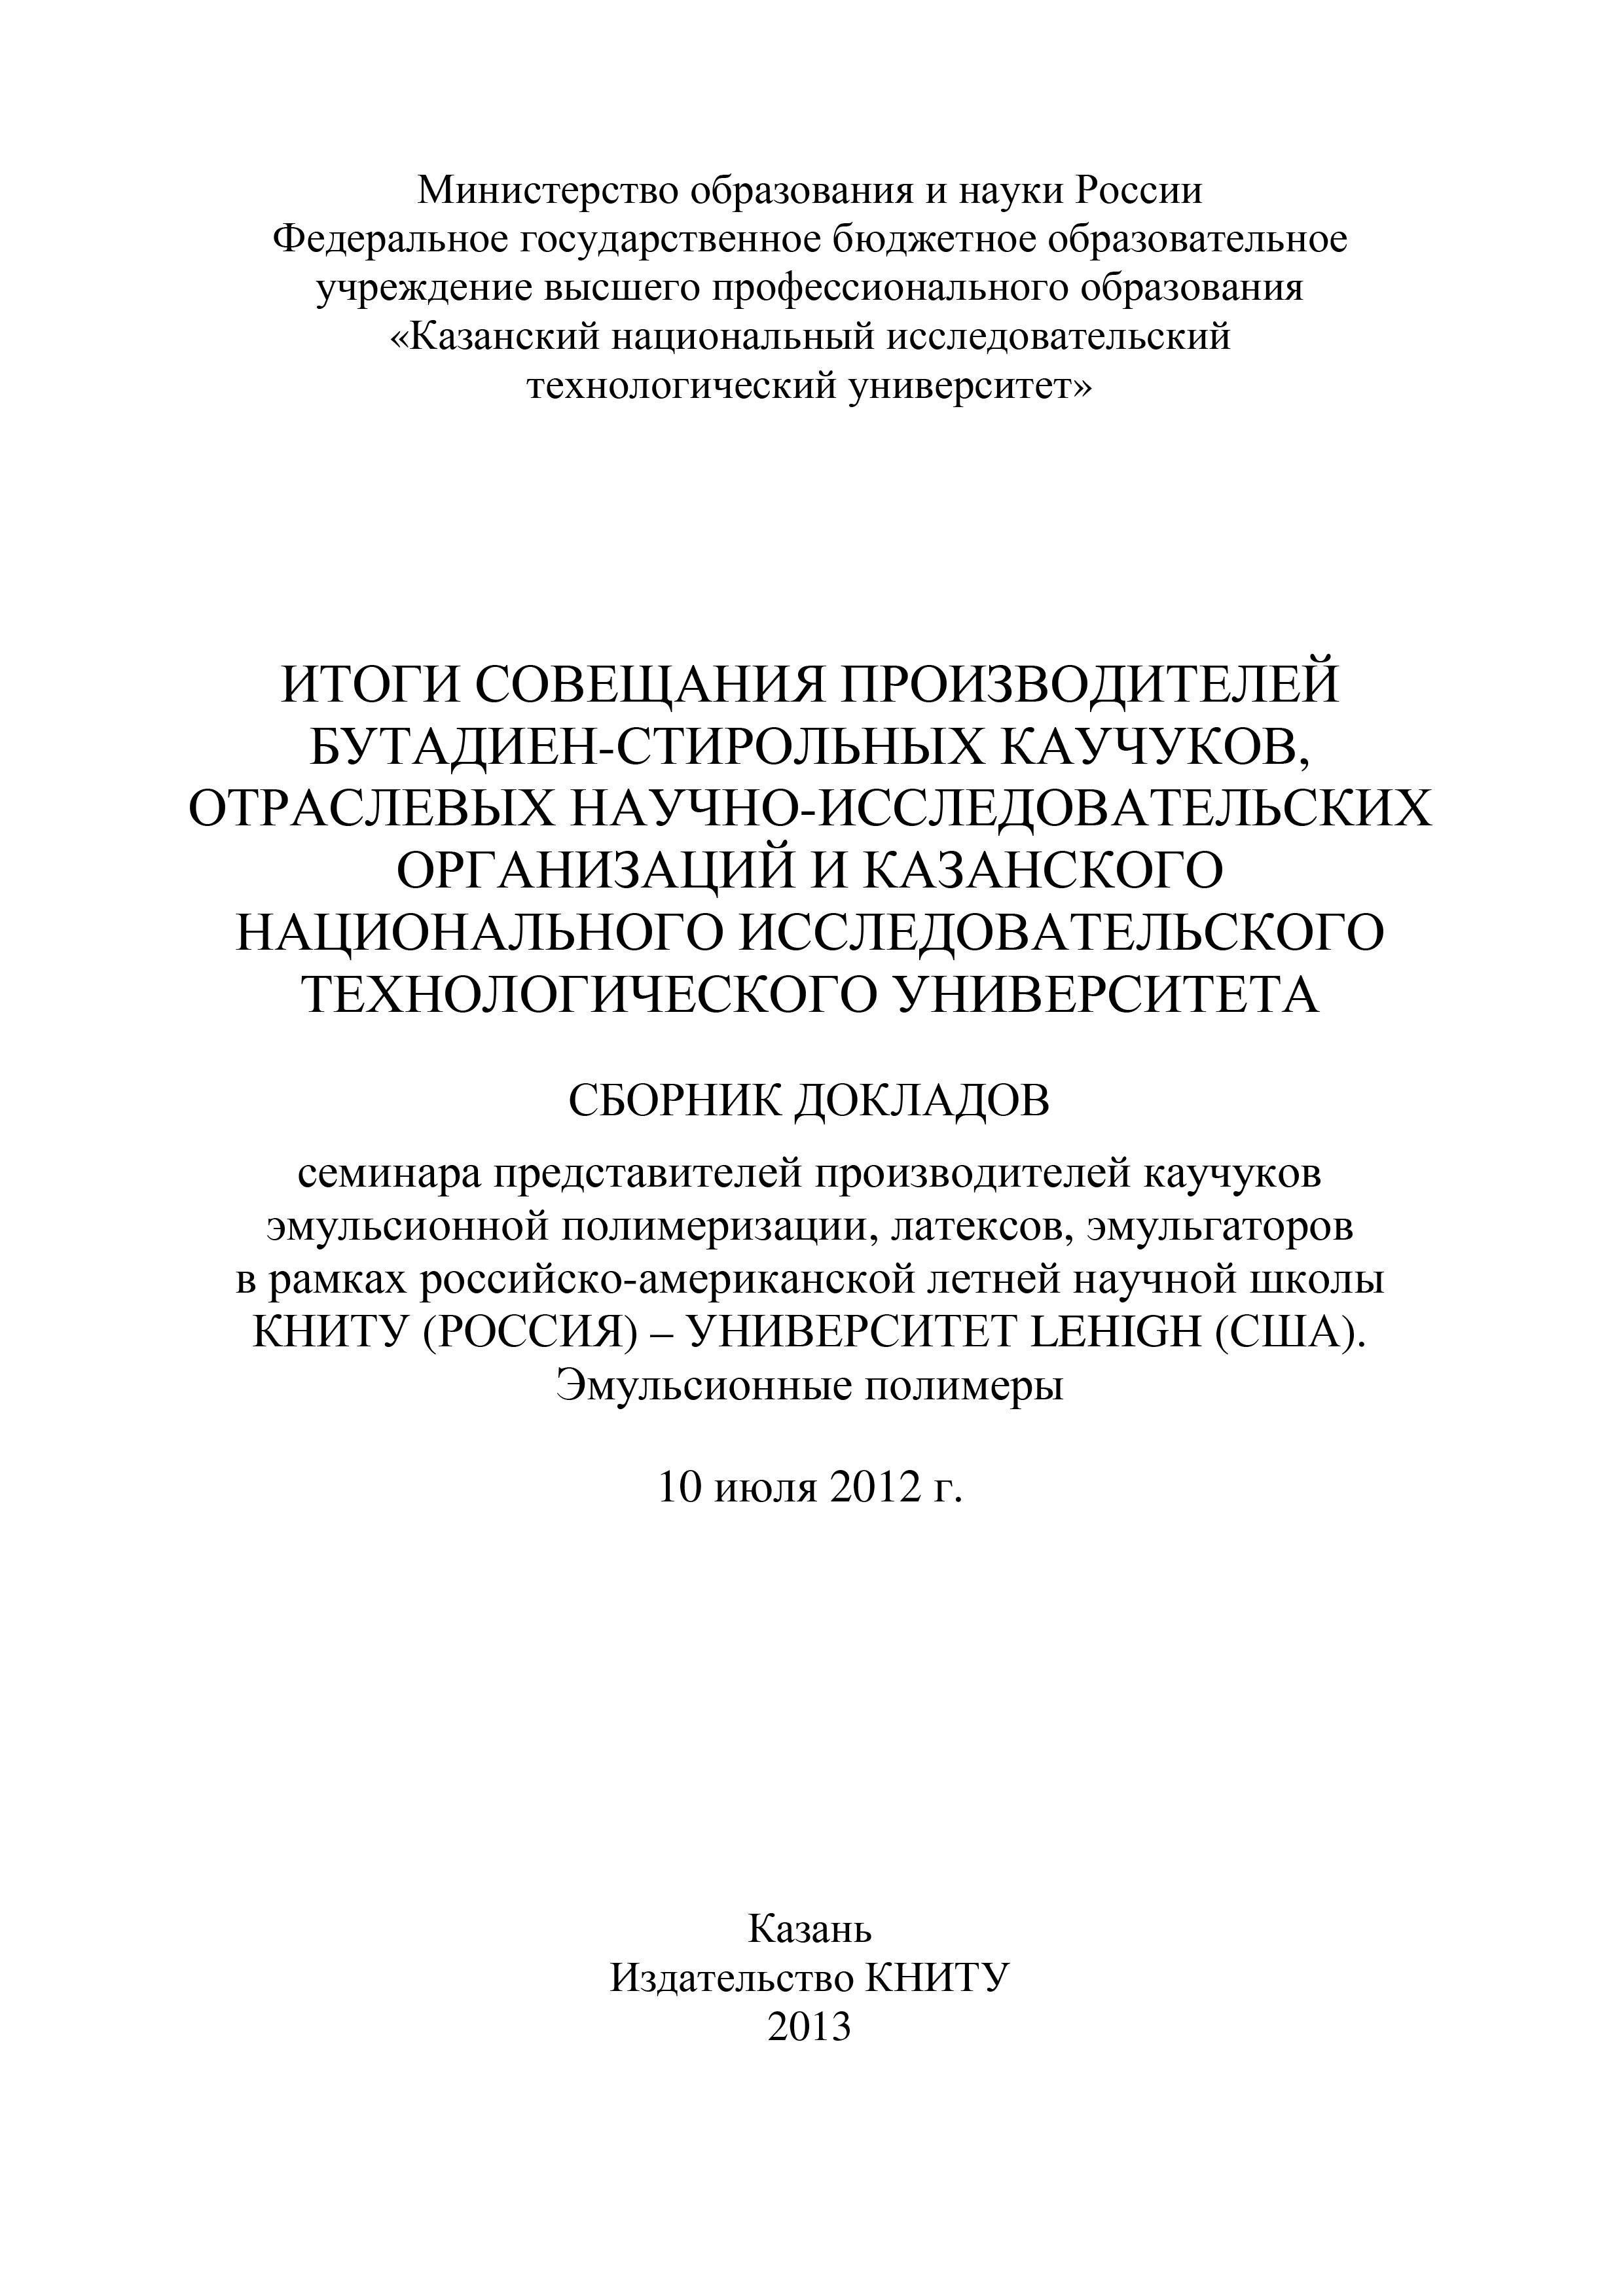 Итоги совещания производителей бутадиен-стирольных каучуков, отраслевых научно-исследовательских организаций и Казанского национального исследовательского технологического университета фото